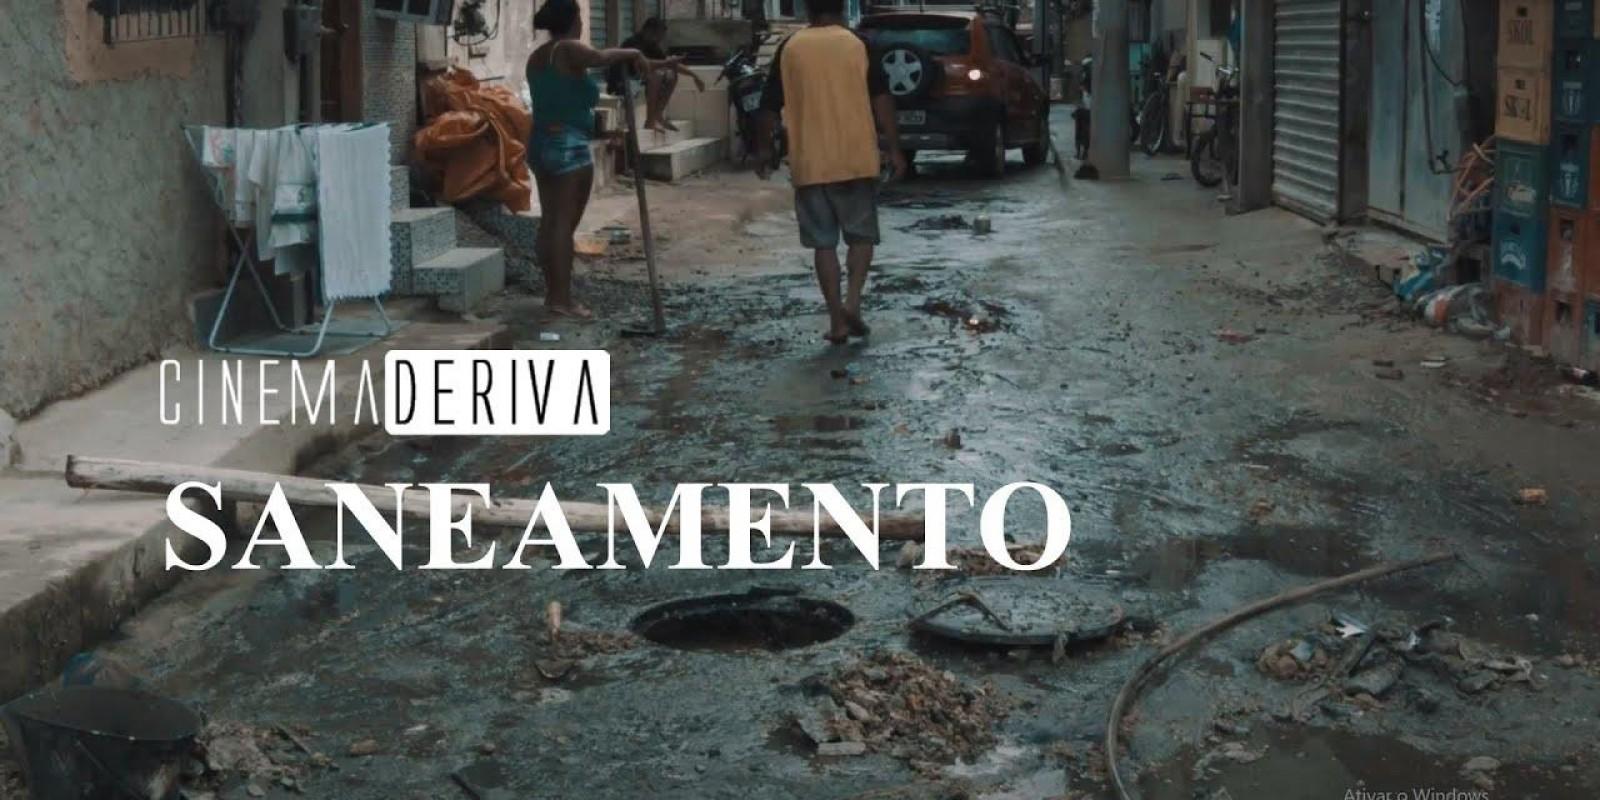 Saneamento Básico: Um Drama Brasileiro | Curta Documentário